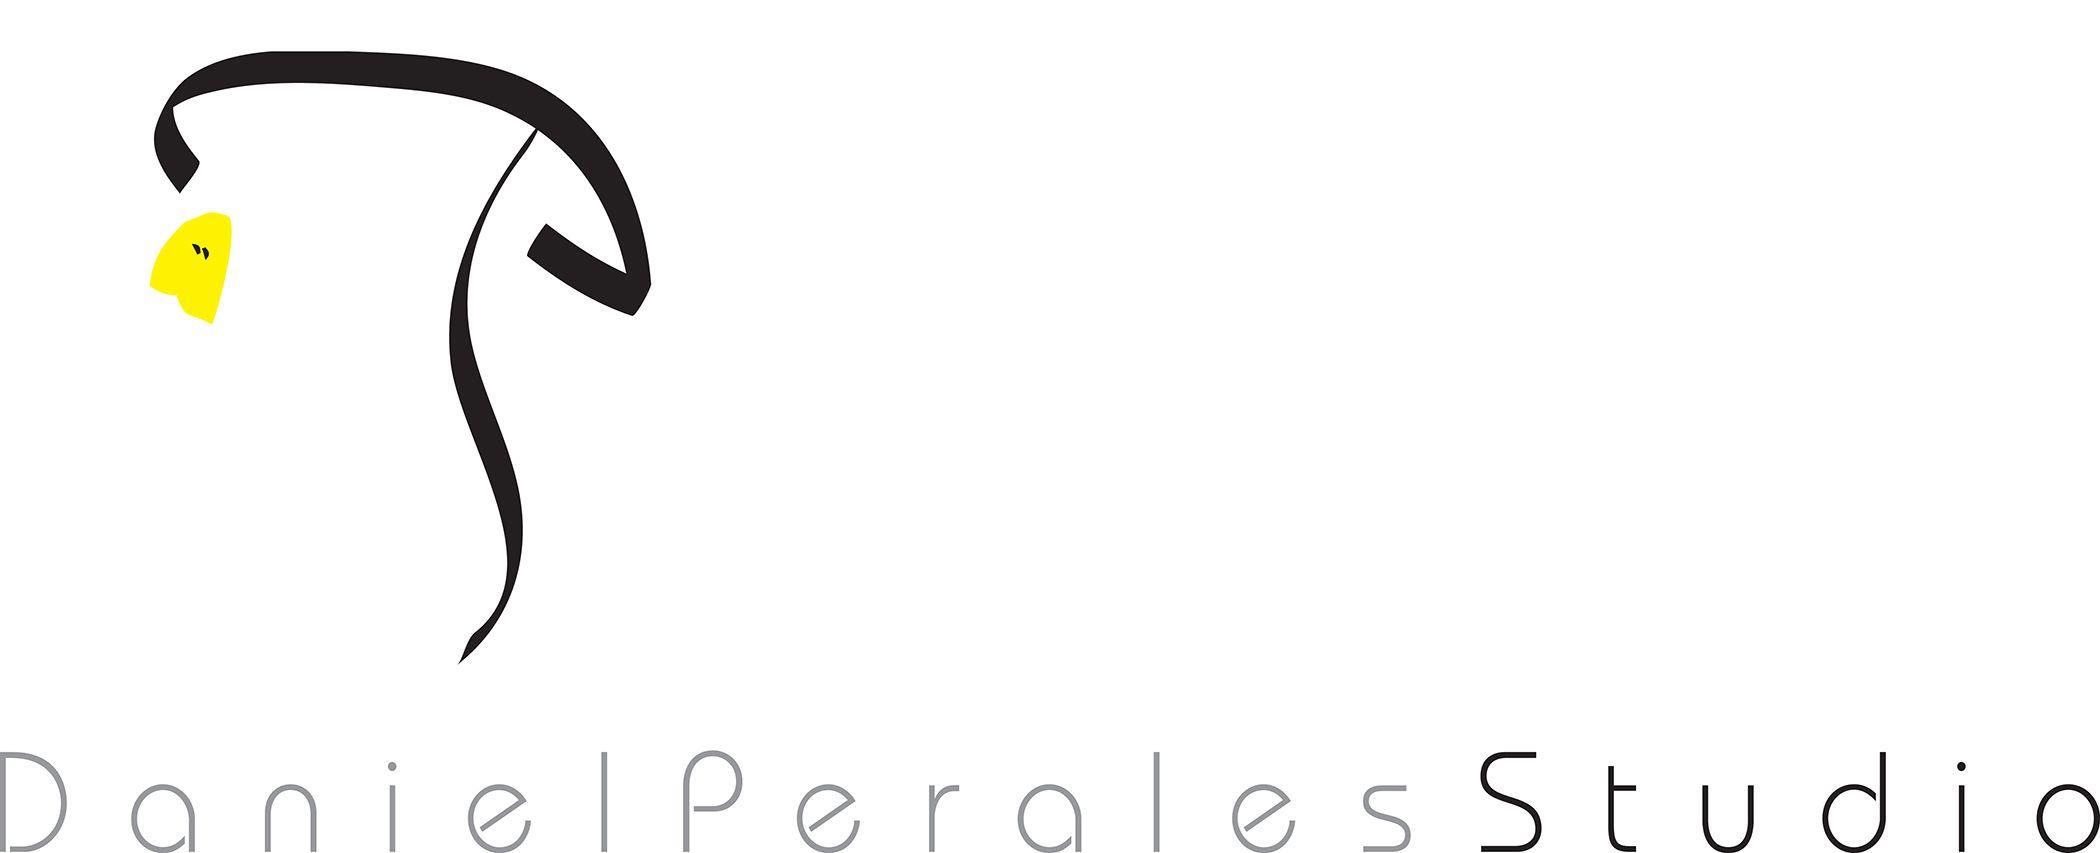 Daniel Perales